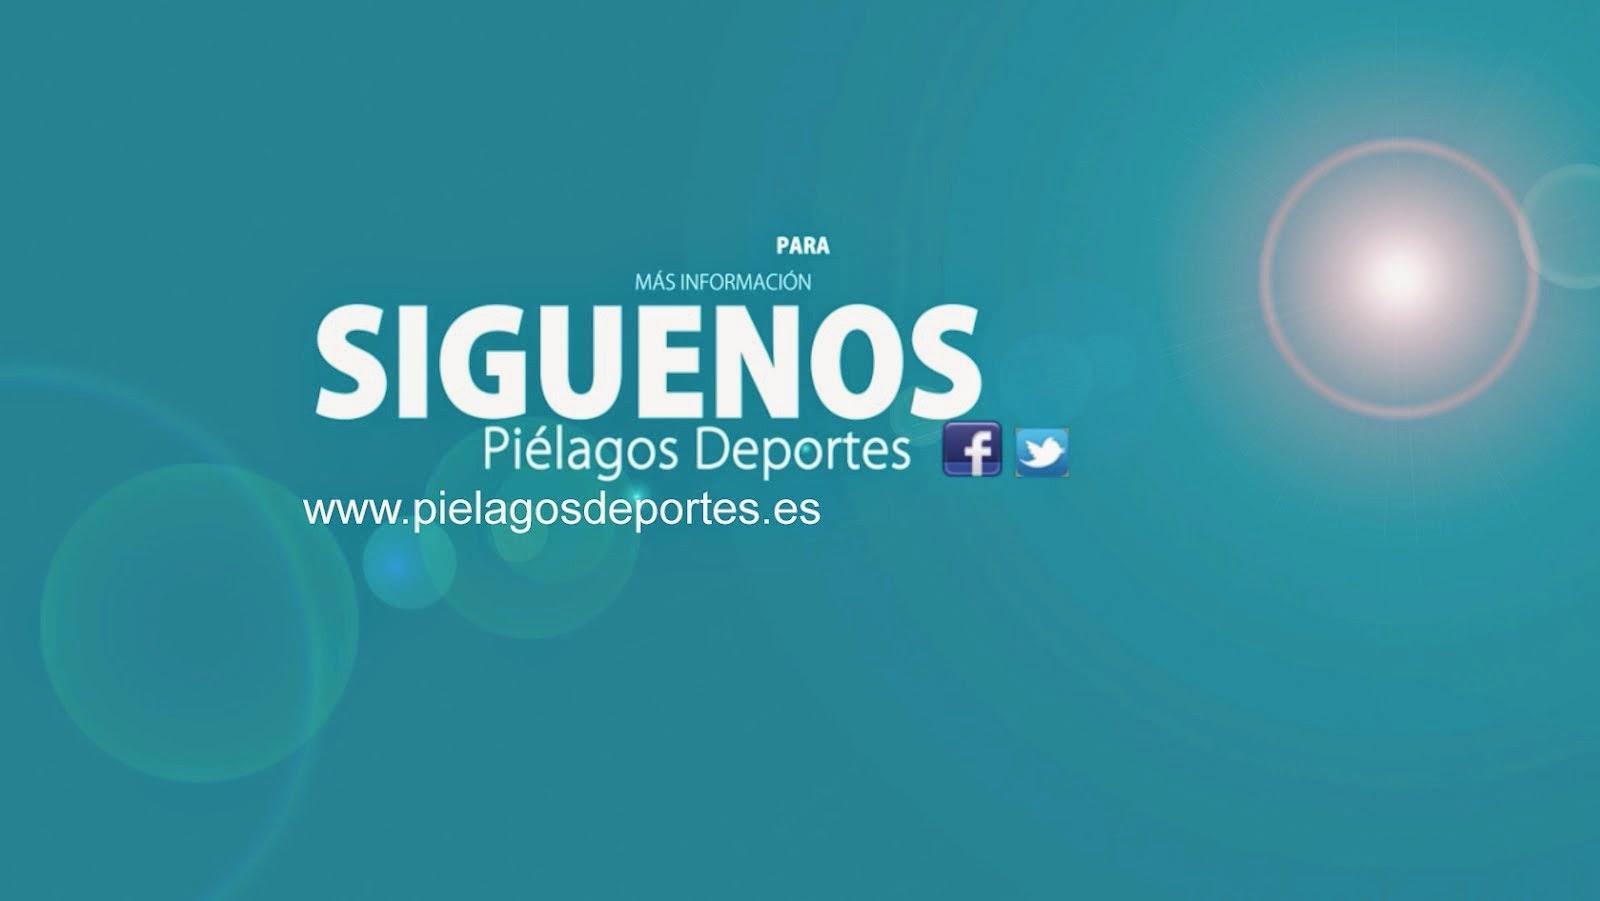 Facebook de Piélagos Deportes